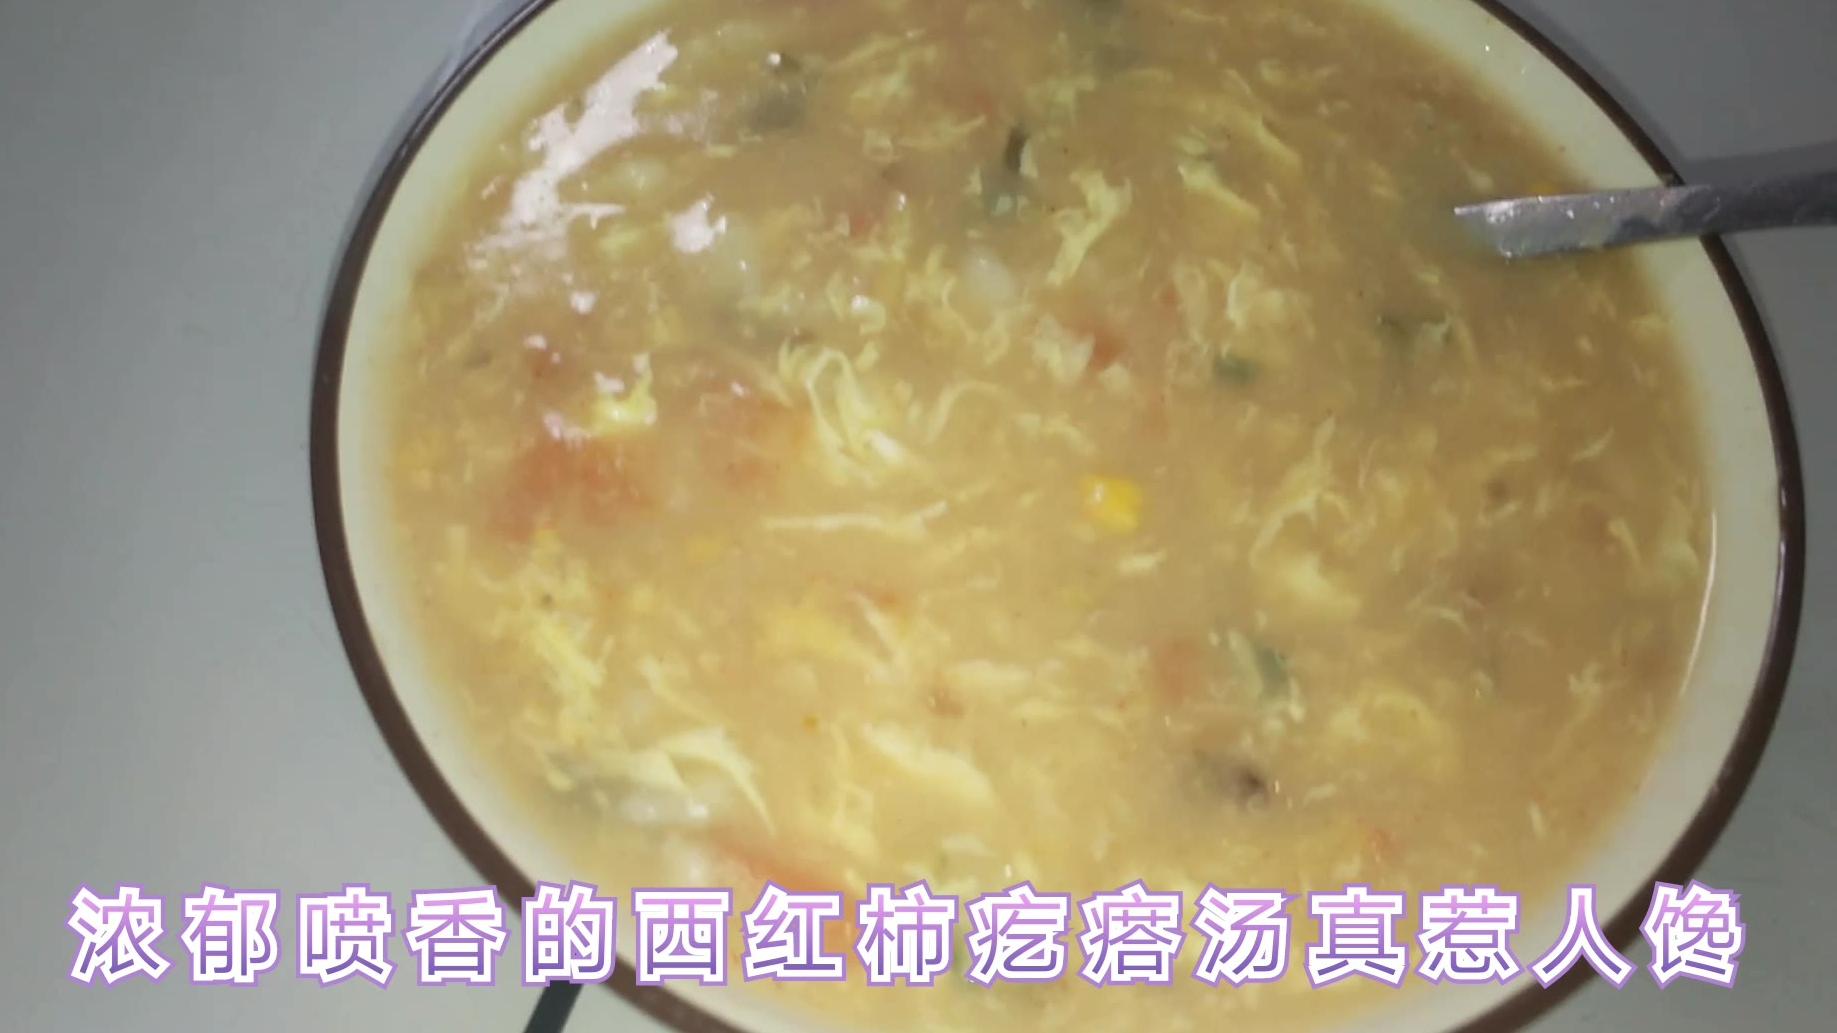 已经吃了四十年的浓郁喷香的西红柿疙瘩汤,好喝又养胃,百吃不厌